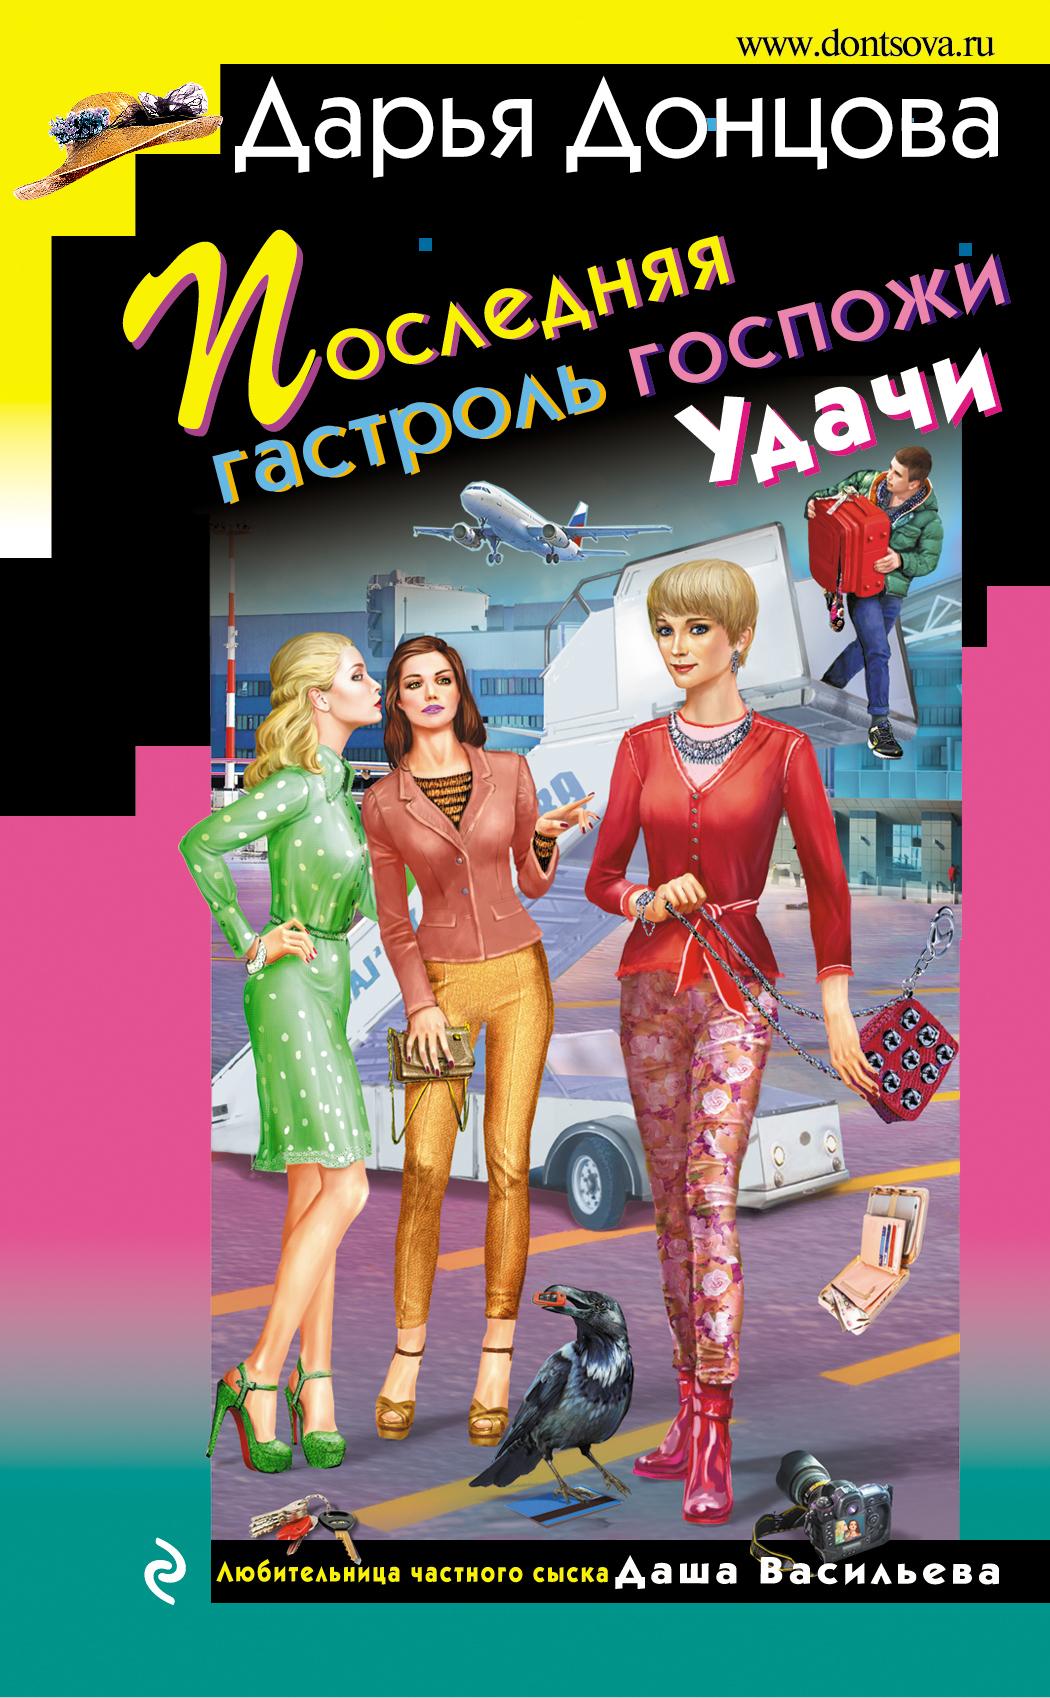 Книга Последняя гастроль госпожи Удачи